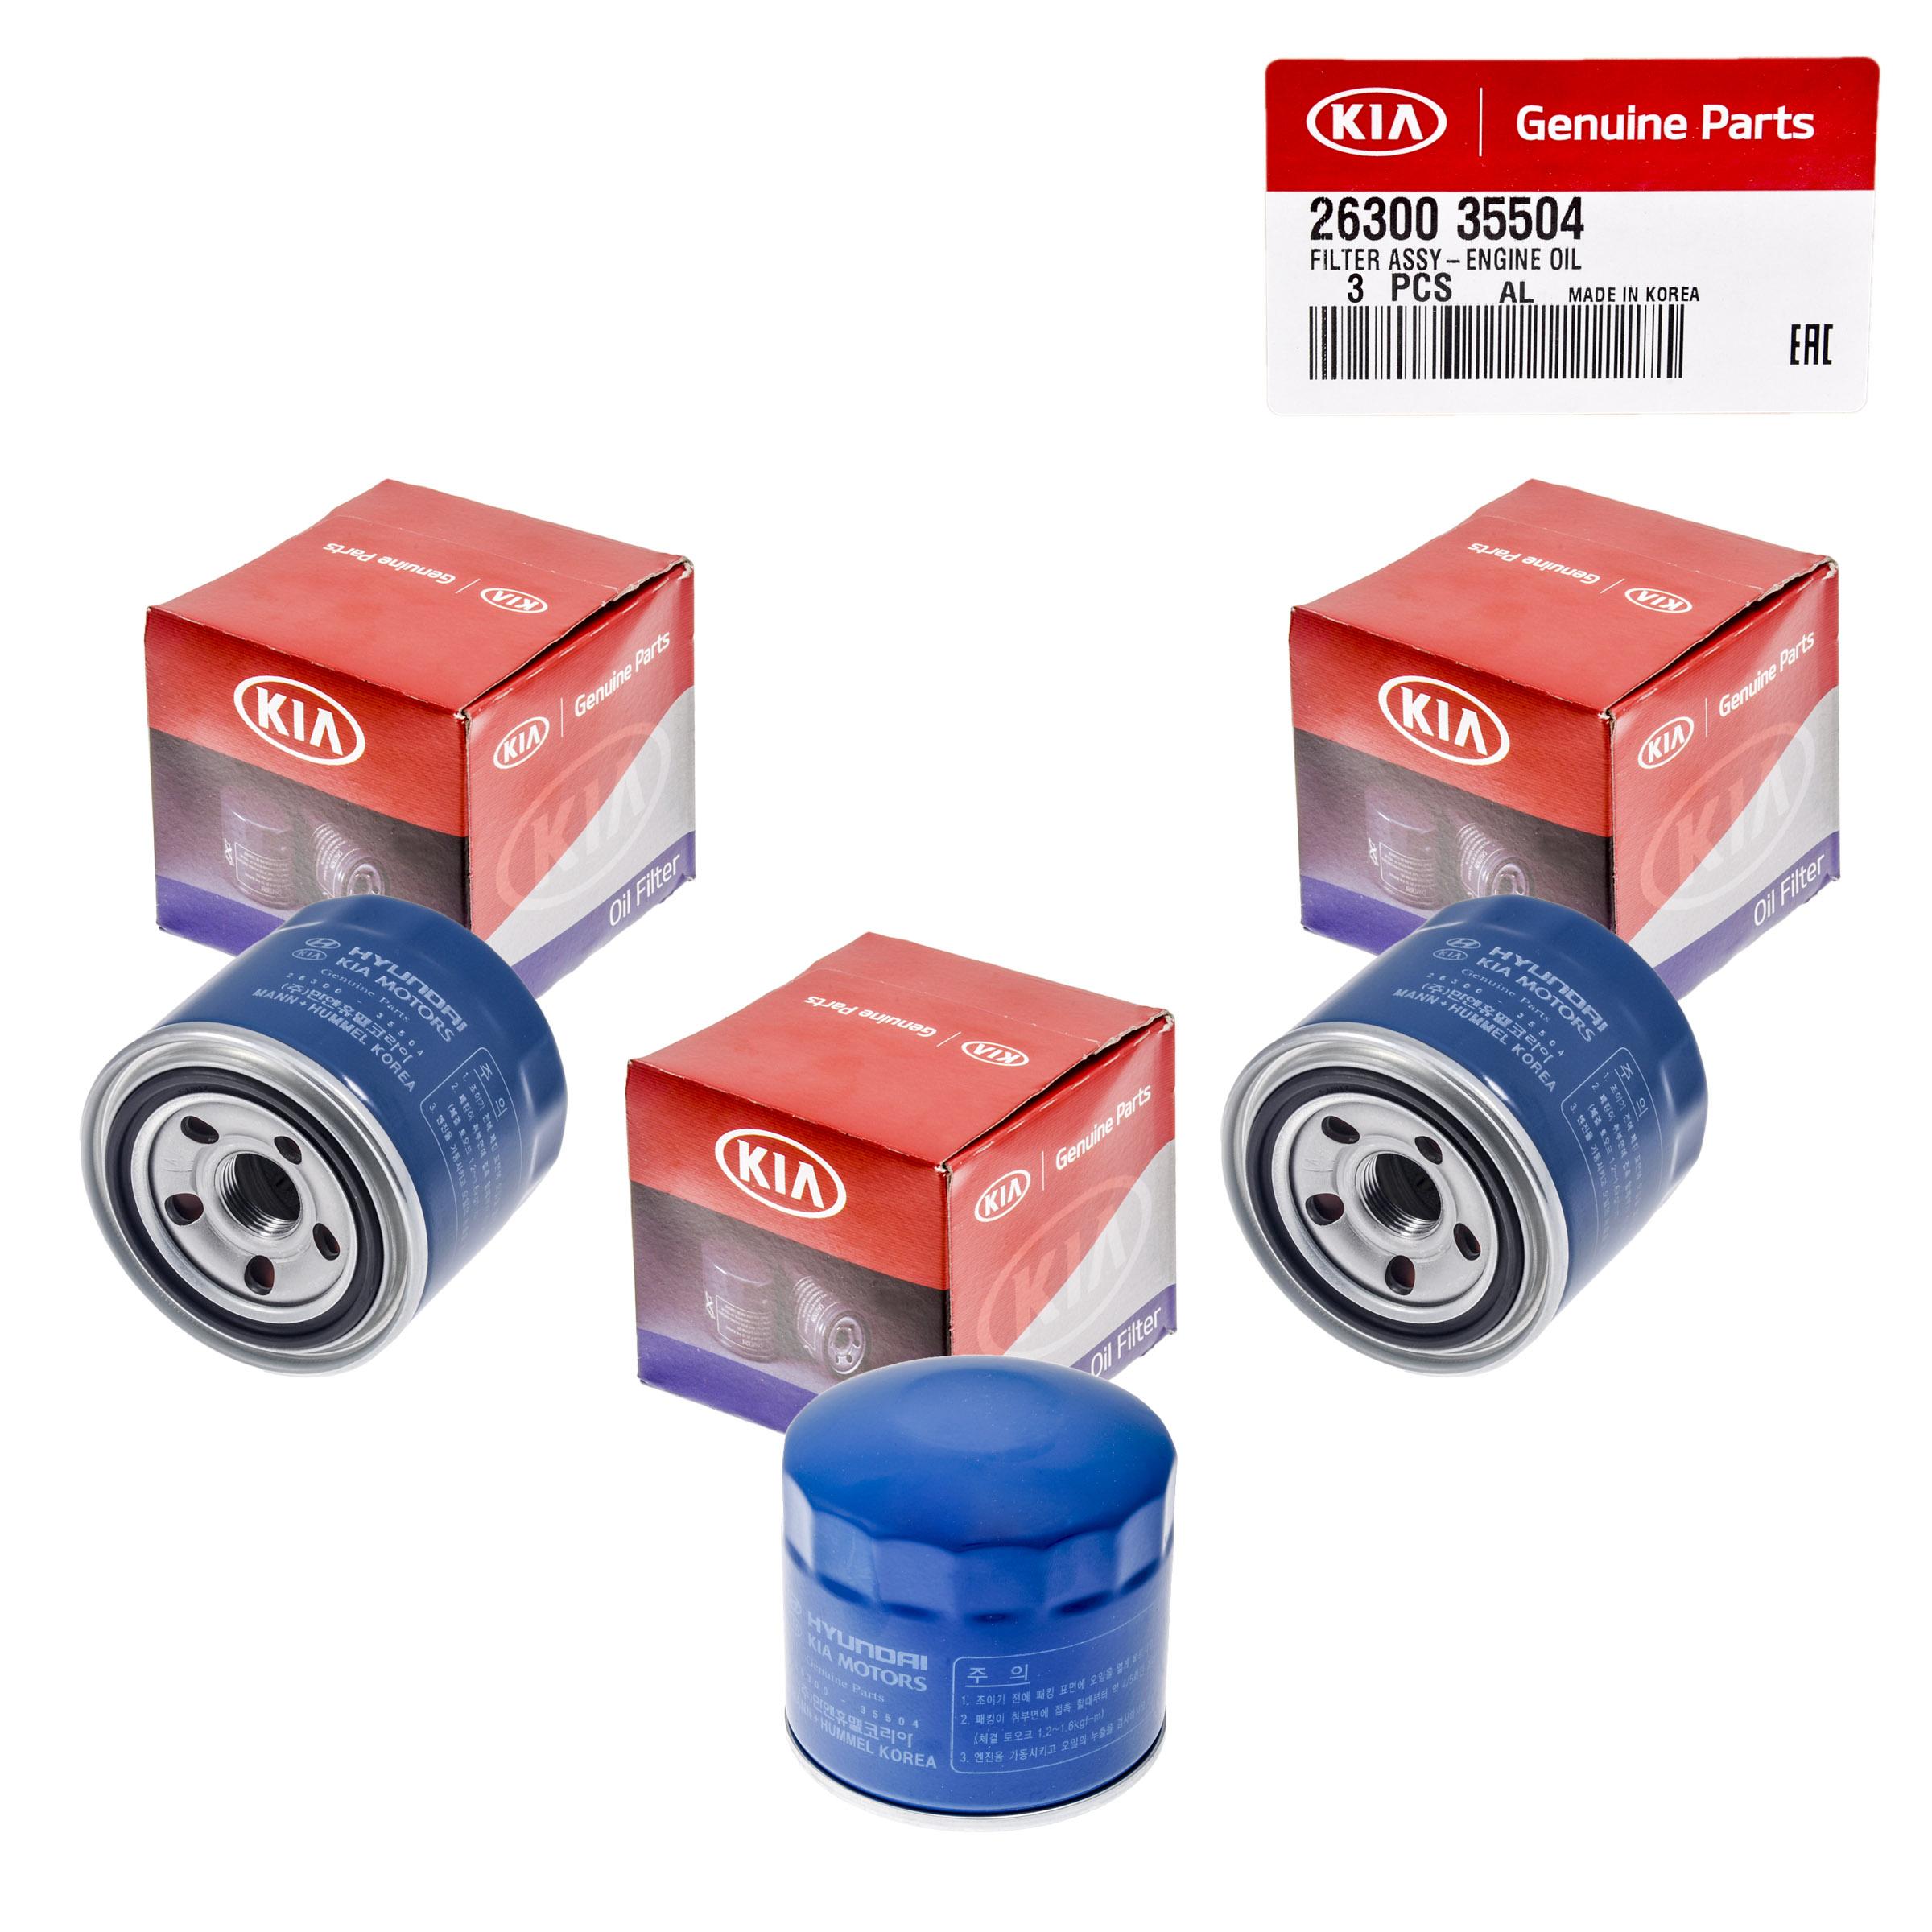 Set Of 3 Genuine OEM Oil Filter 26300-35504 For Kia Soul Optima ...